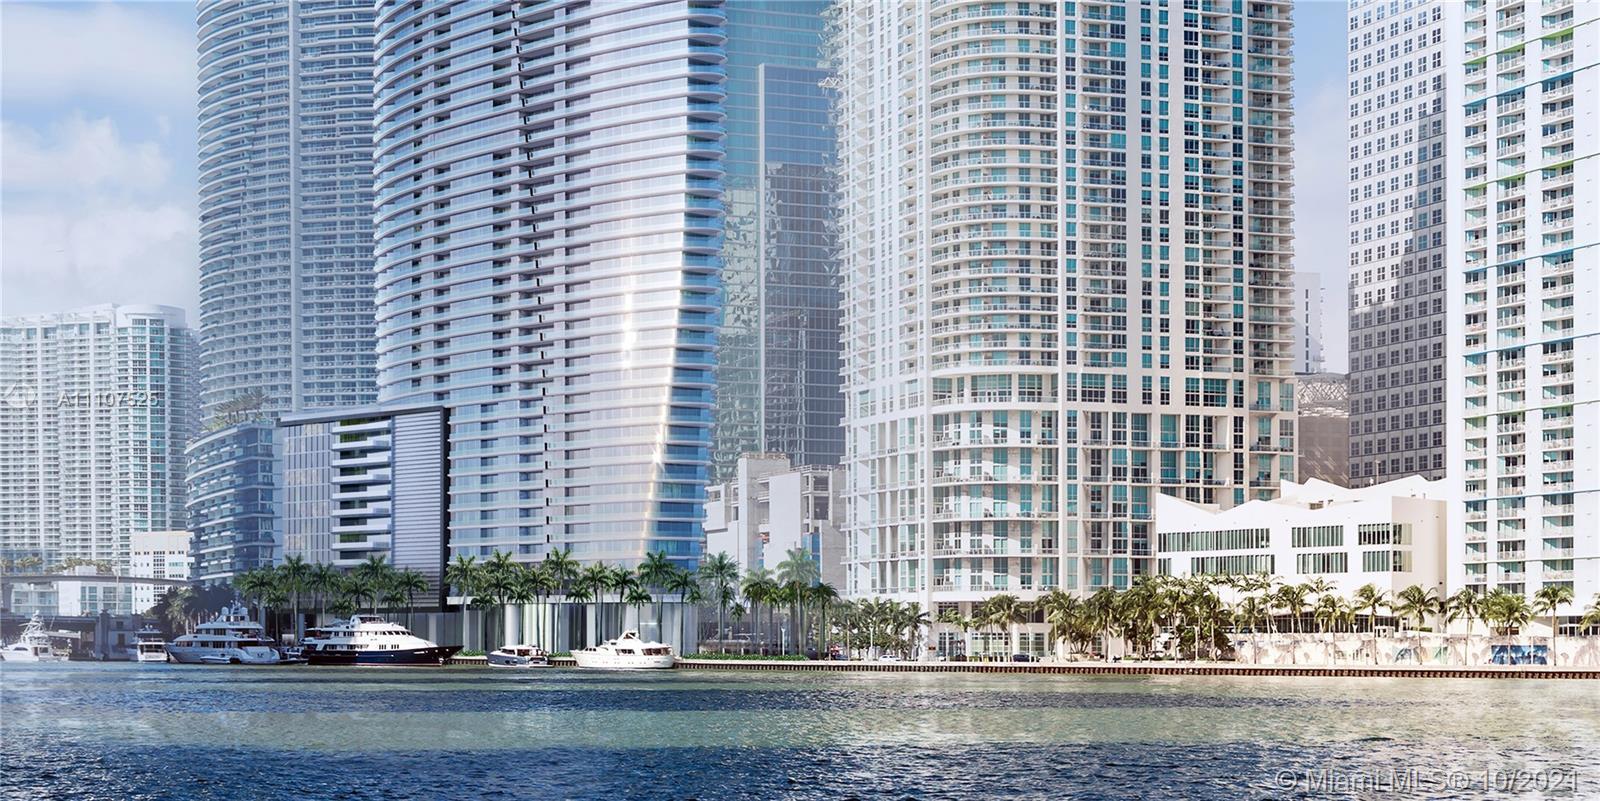 300 Biscayne Blvd Way, Unit #2001 Luxury Real Estate